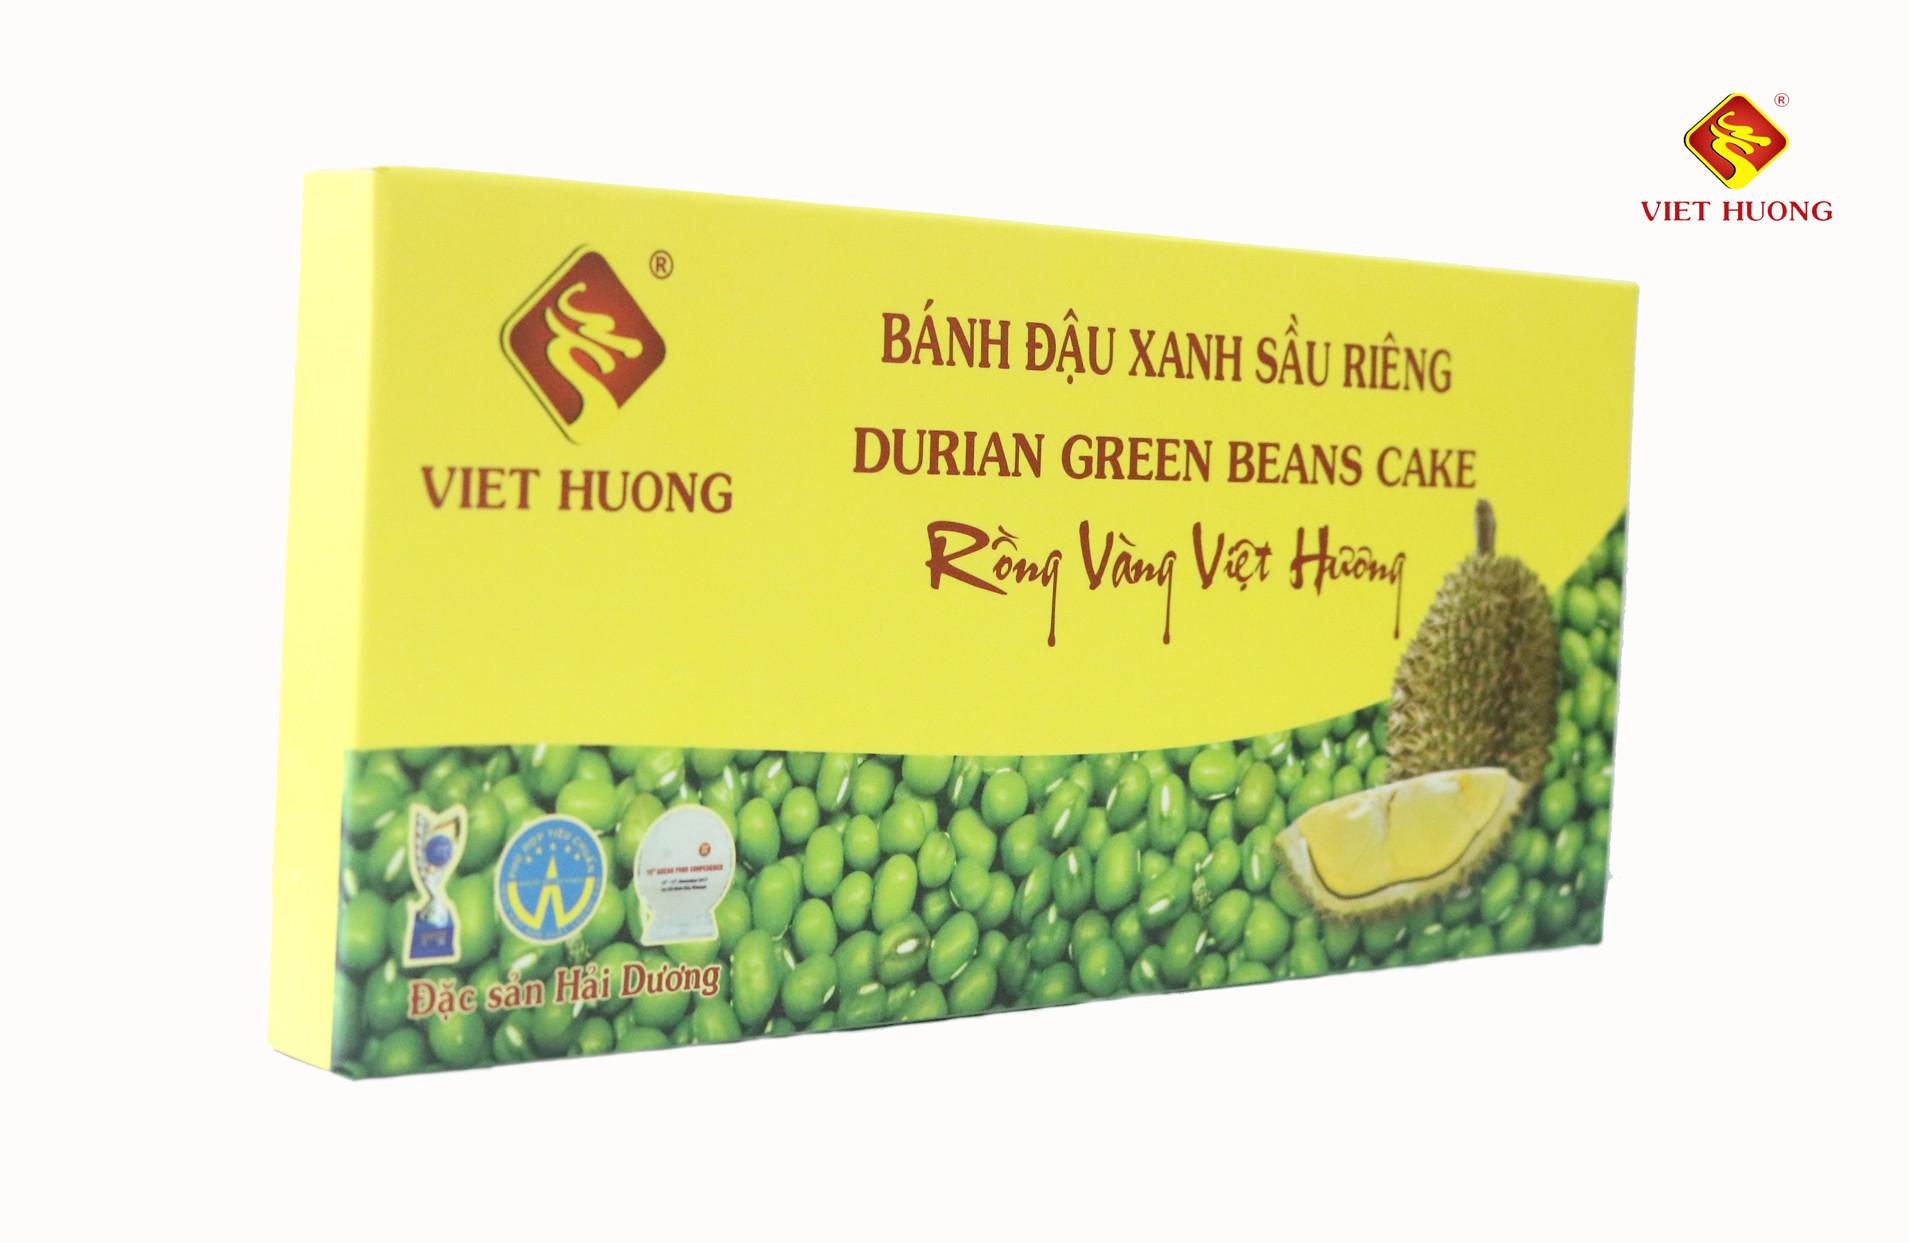 Kết quả hình ảnh cho Bánh đậu xanh sầu riêng viethuong